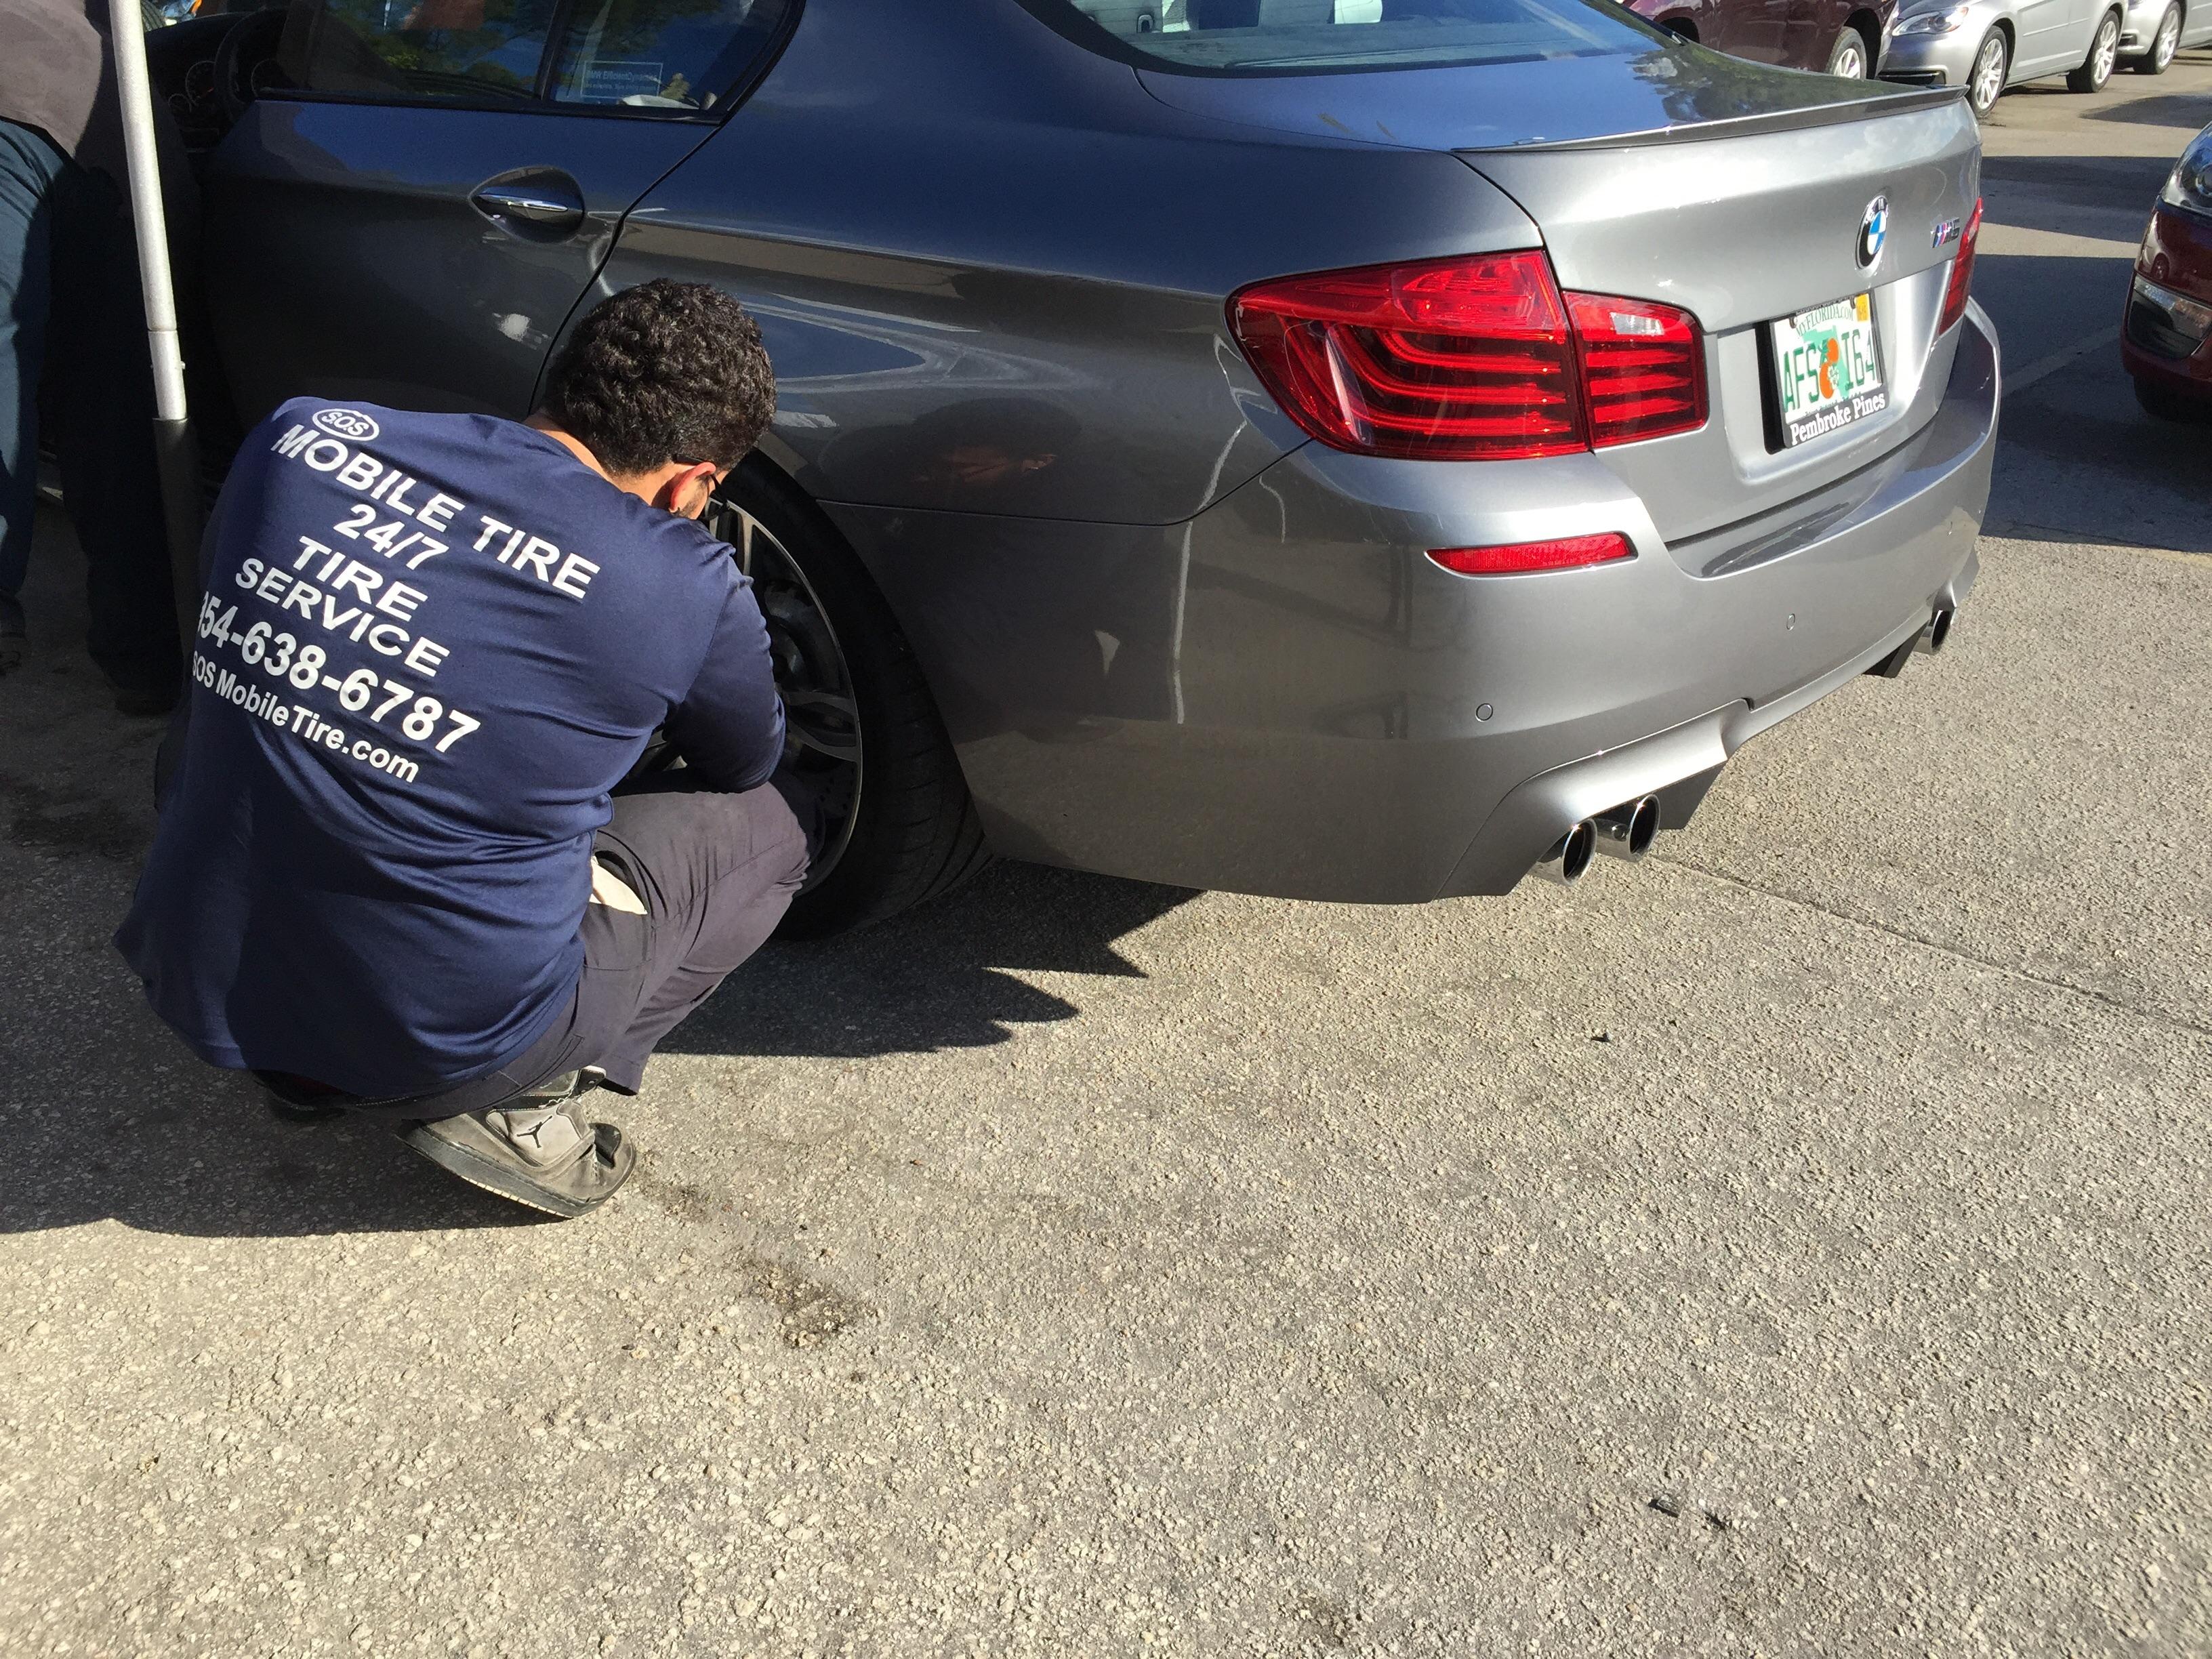 S.O.S Mobile Tire Repair image 8